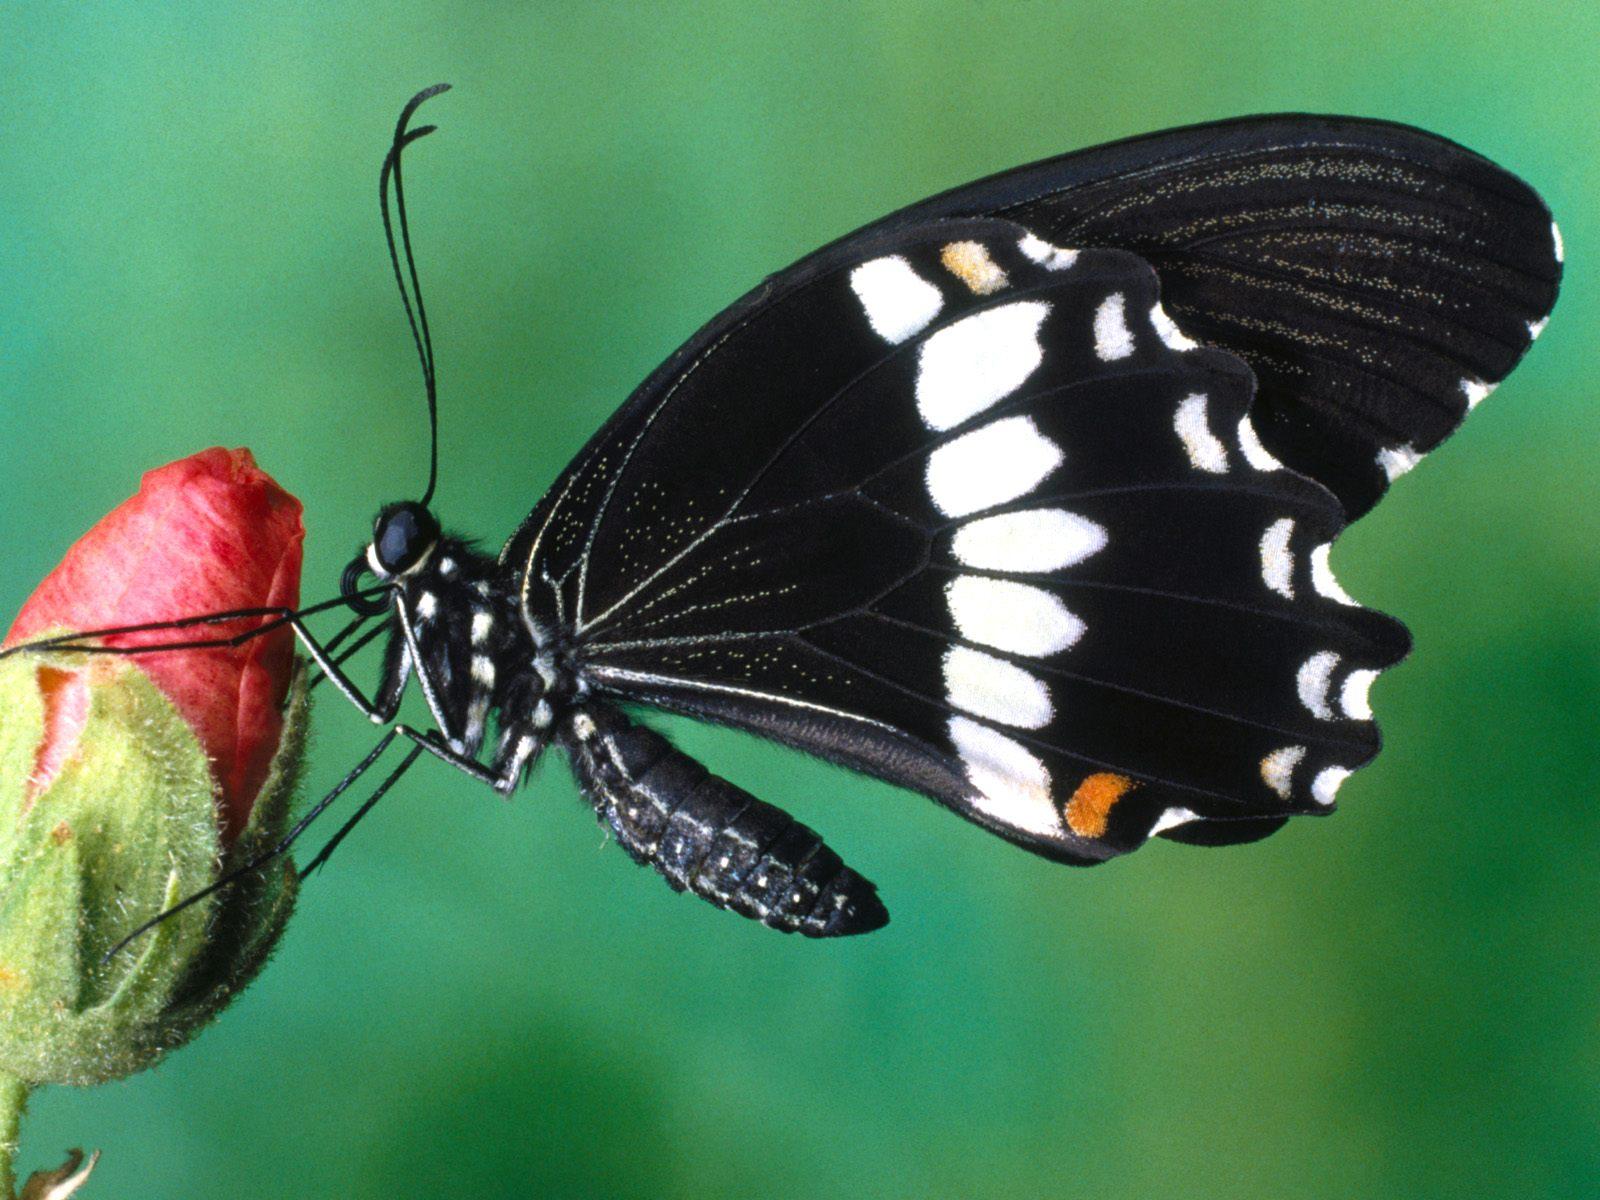 http://2.bp.blogspot.com/-xTCtMKZpdpI/TnuYMdtvcEI/AAAAAAAAEOA/50x1nvGnzLc/s1600/Flowers-Butterfly-1-.jpg